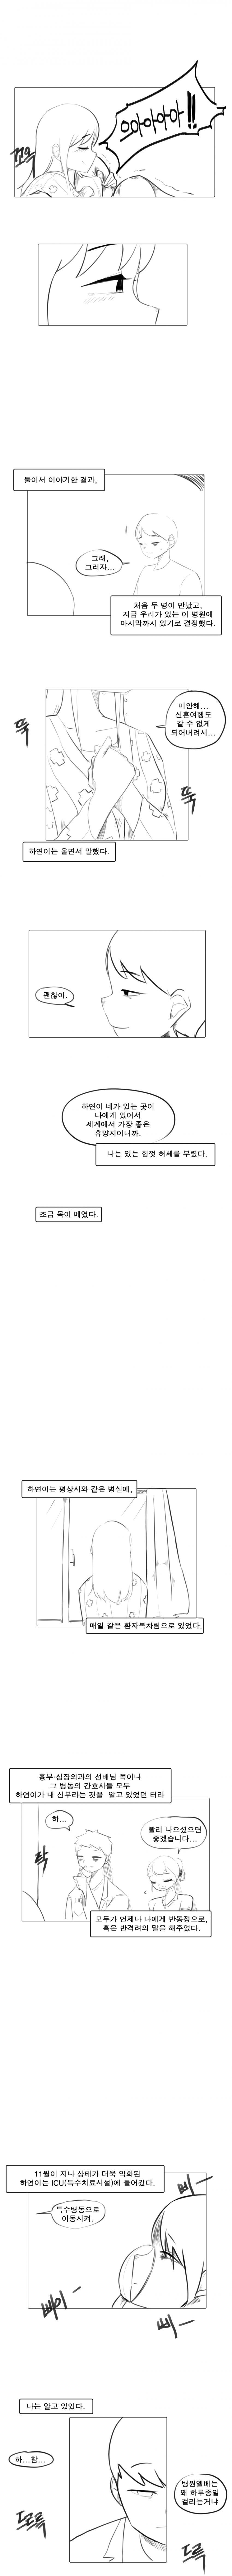 viewimage.php?id=2ebcc232eadd36&no=24b0d769e1d32ca73fec86fa11d02831f774ca47ac4dd7dcba669517d2fdc45c0b6e6ad2fcdb213dee7edba93759b5658b8292eb3b20ffc599a2bc968b263fe3e80f